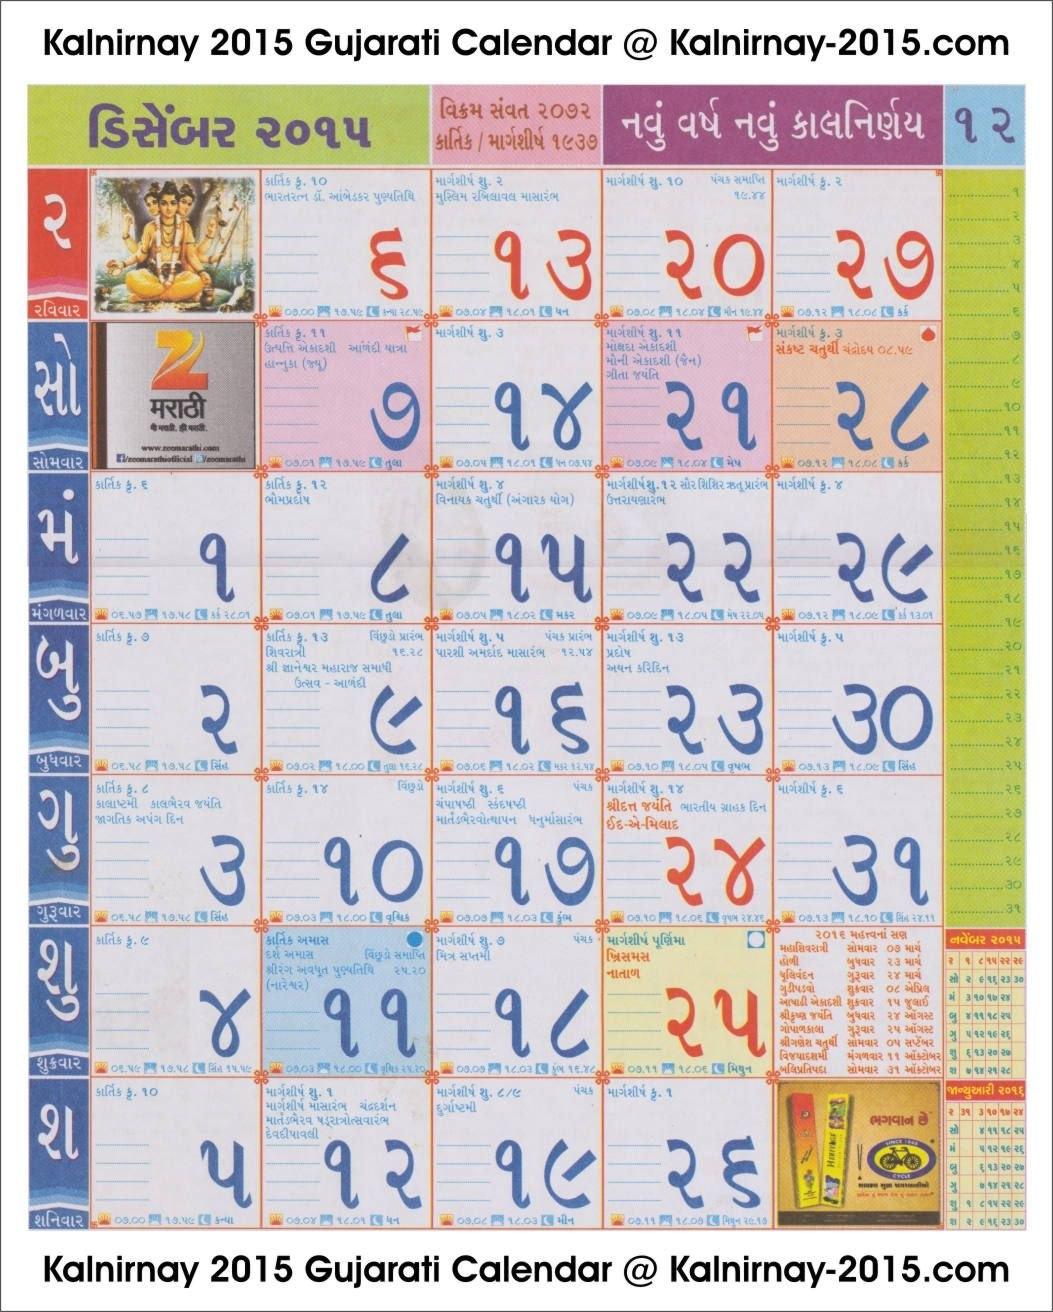 Kalnirnay 2021 Marathi Calendar Pdf Download - Downloadable Kalnirnay 2021 Marathi Calendar Pdf intended for 2021 Kalnirnay Marathi Calendar